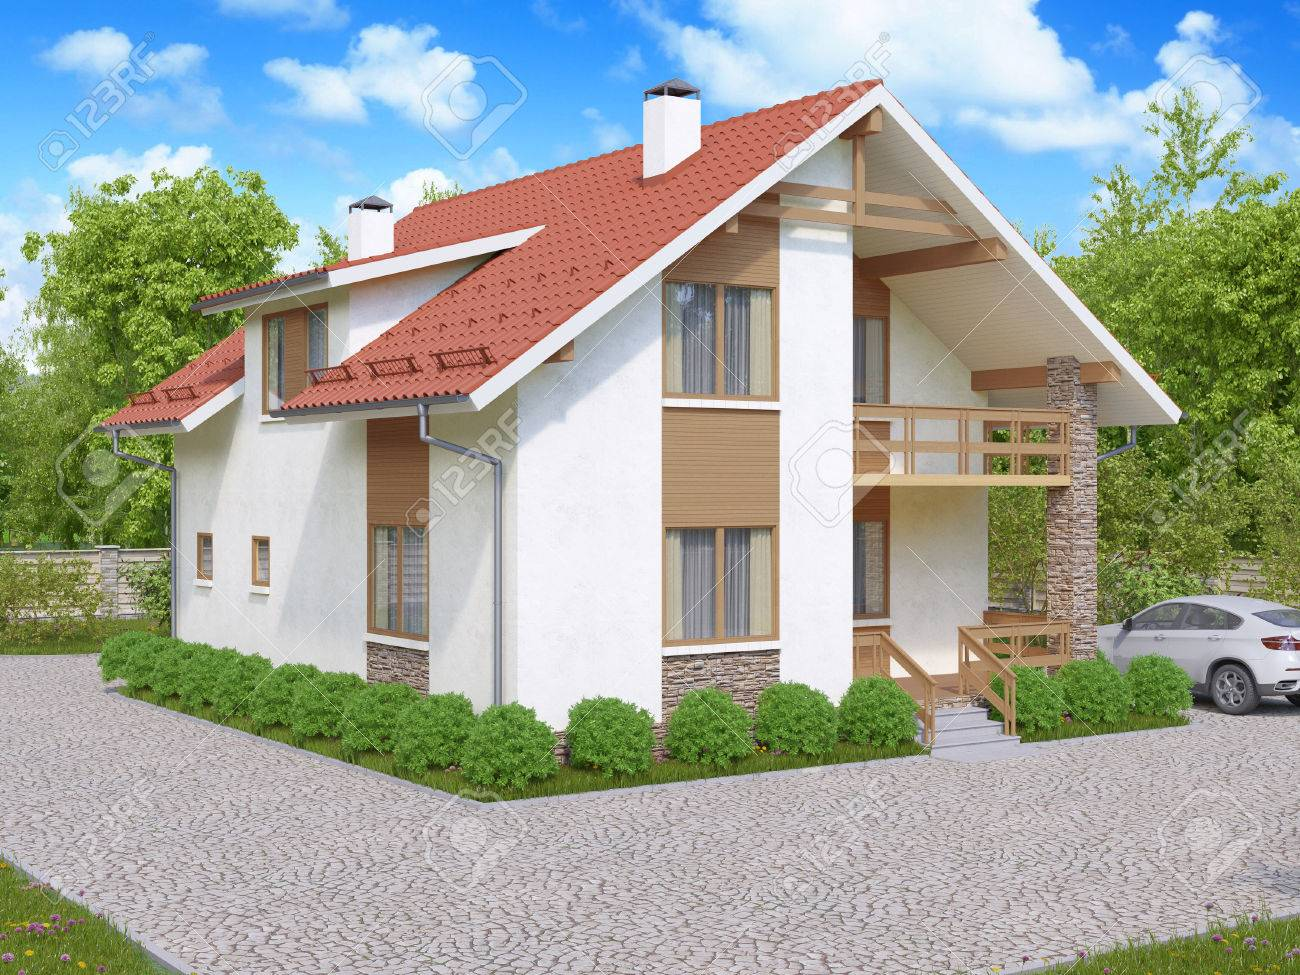 3D-Darstellung Der Privaten Suburban, Zweistöckiges Haus In Einem ...